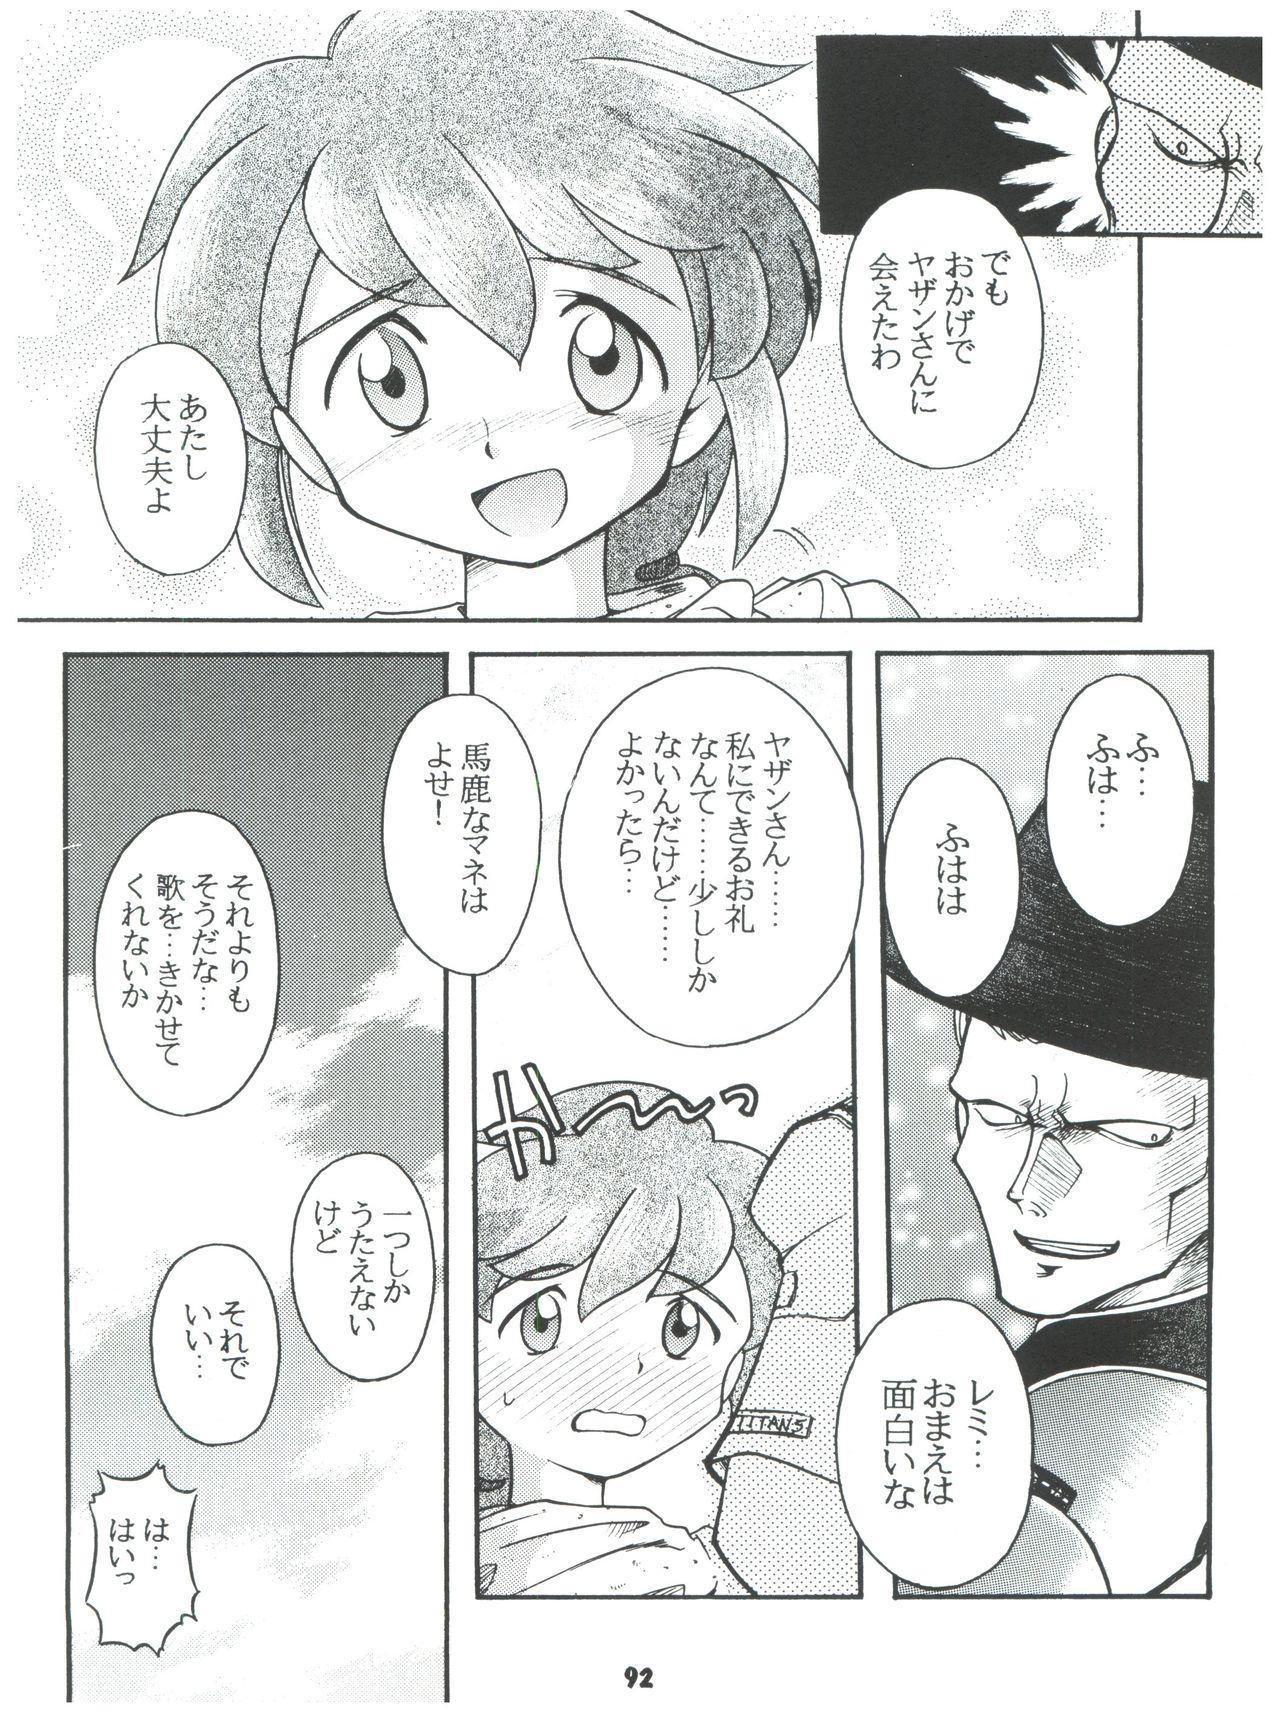 [Sairo Publishing (J. Sairo) En-Jack 2 (Various) 91